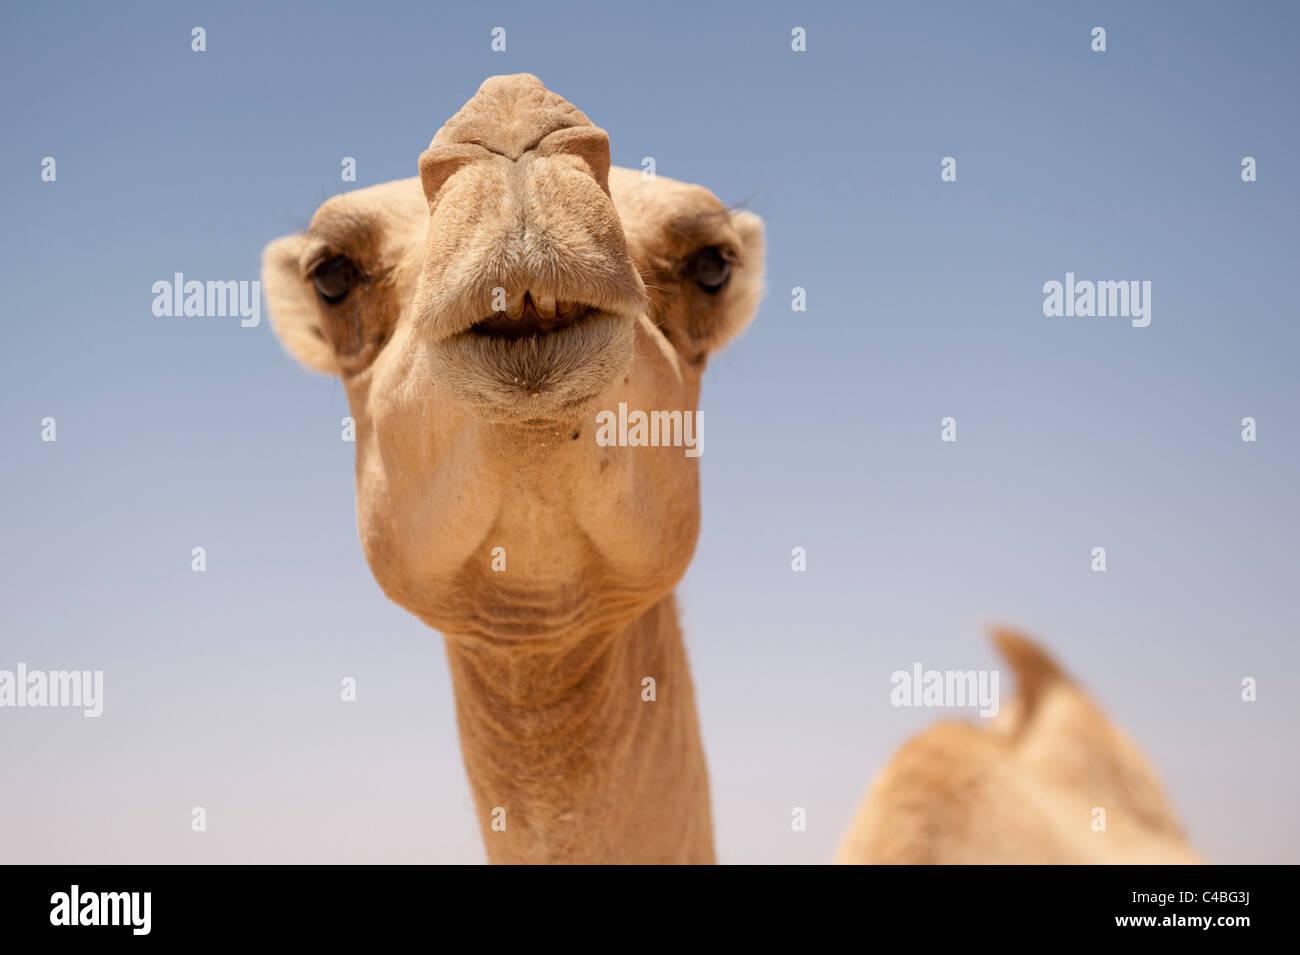 Camel, Somaliland, Somalia - Stock Image